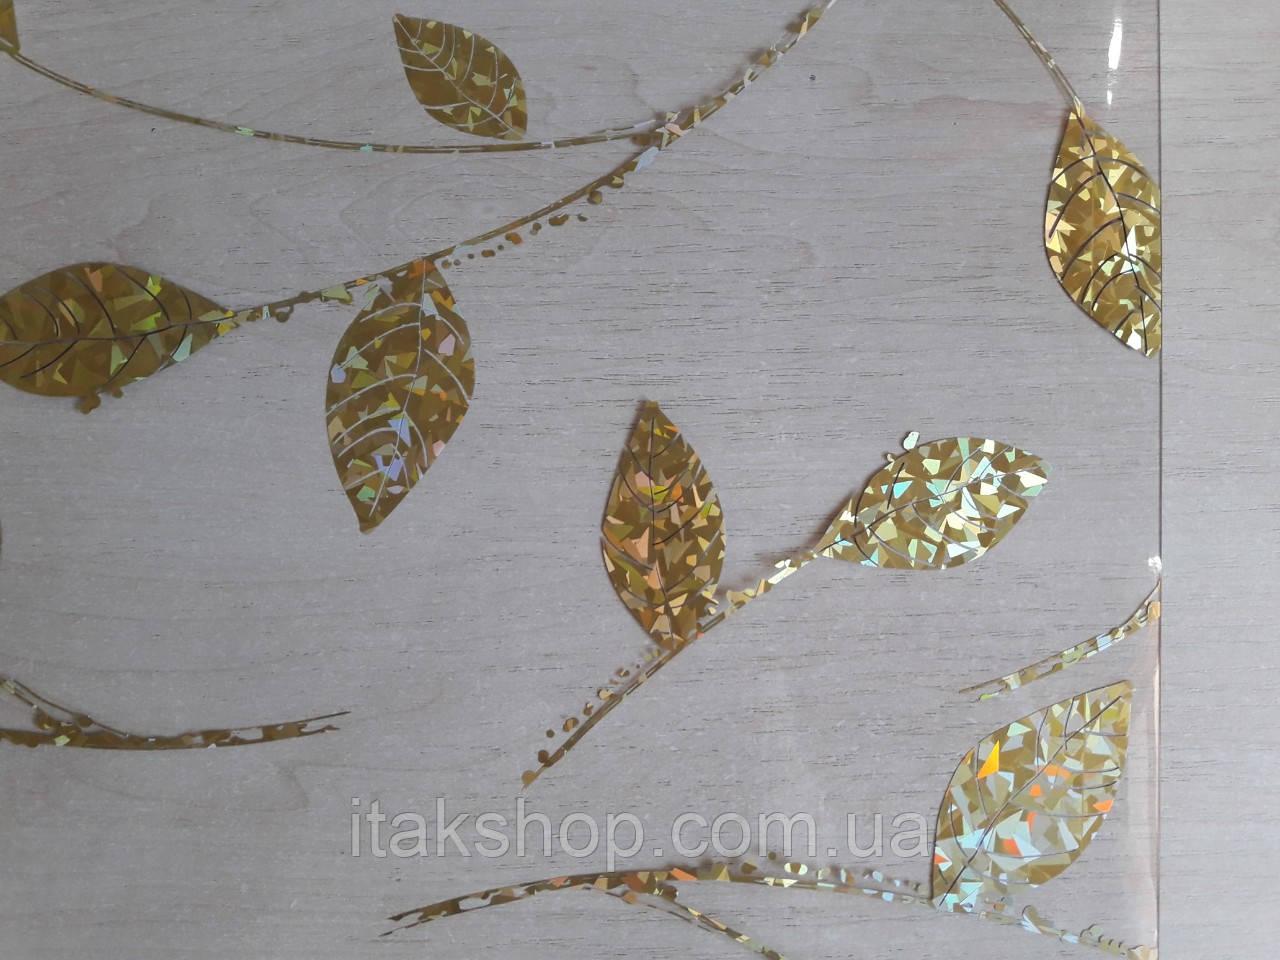 Мягкое стекло Скатерть с лазерным рисунком для мебели Soft Glass 1.0х0.8м толщина 1.5мм Золотые листья